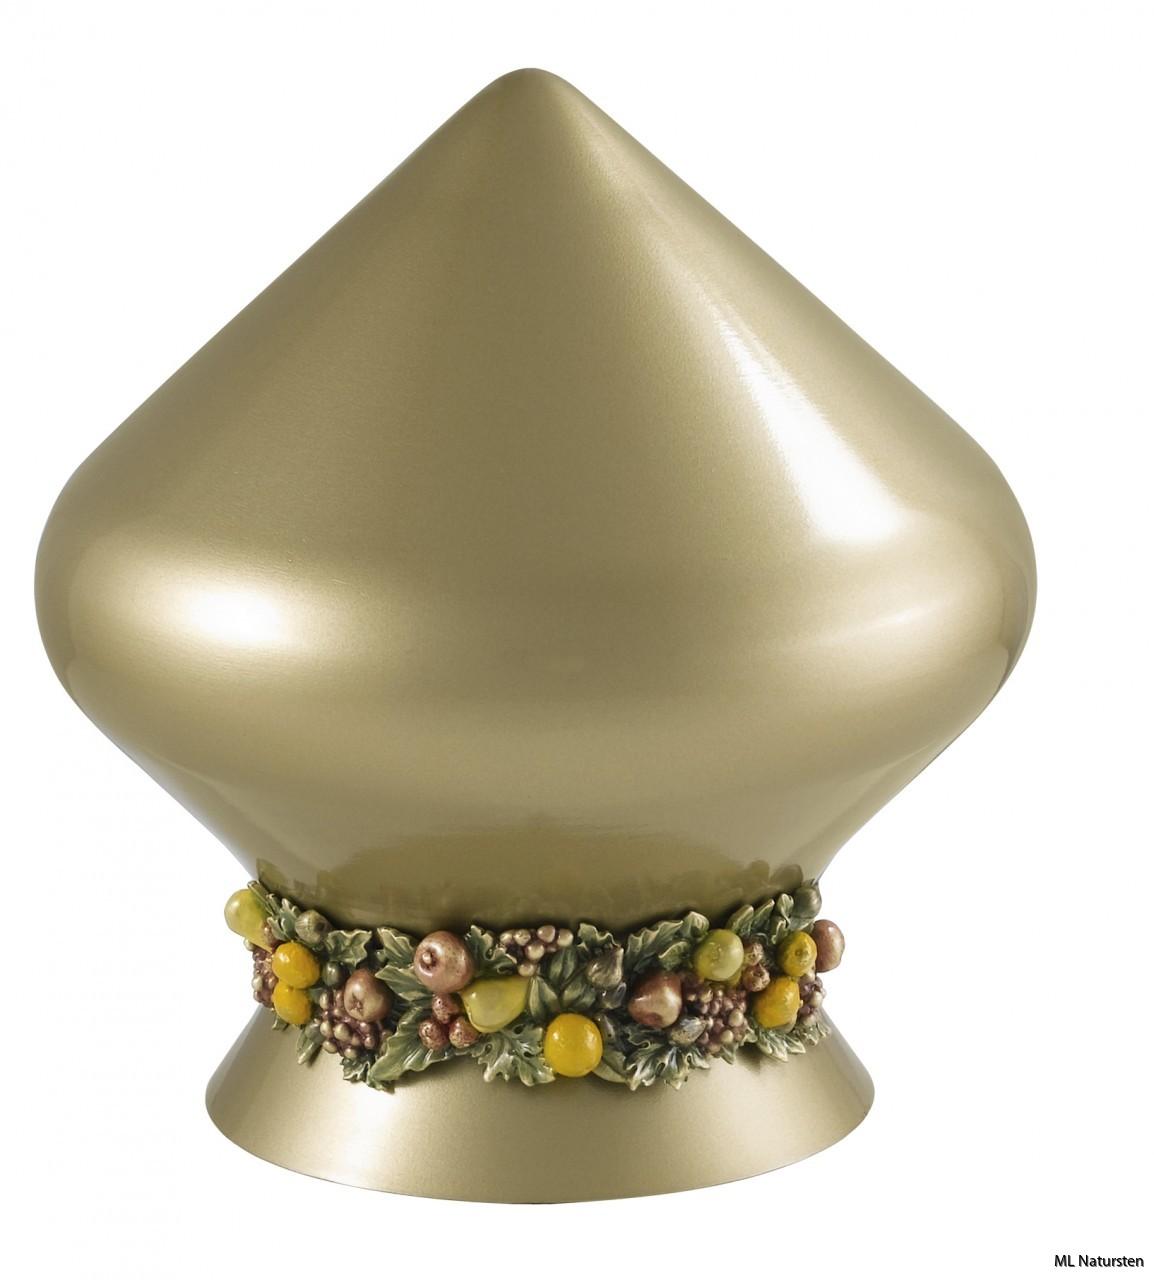 urne_28 (Askurna 2 - 1035.5.D)